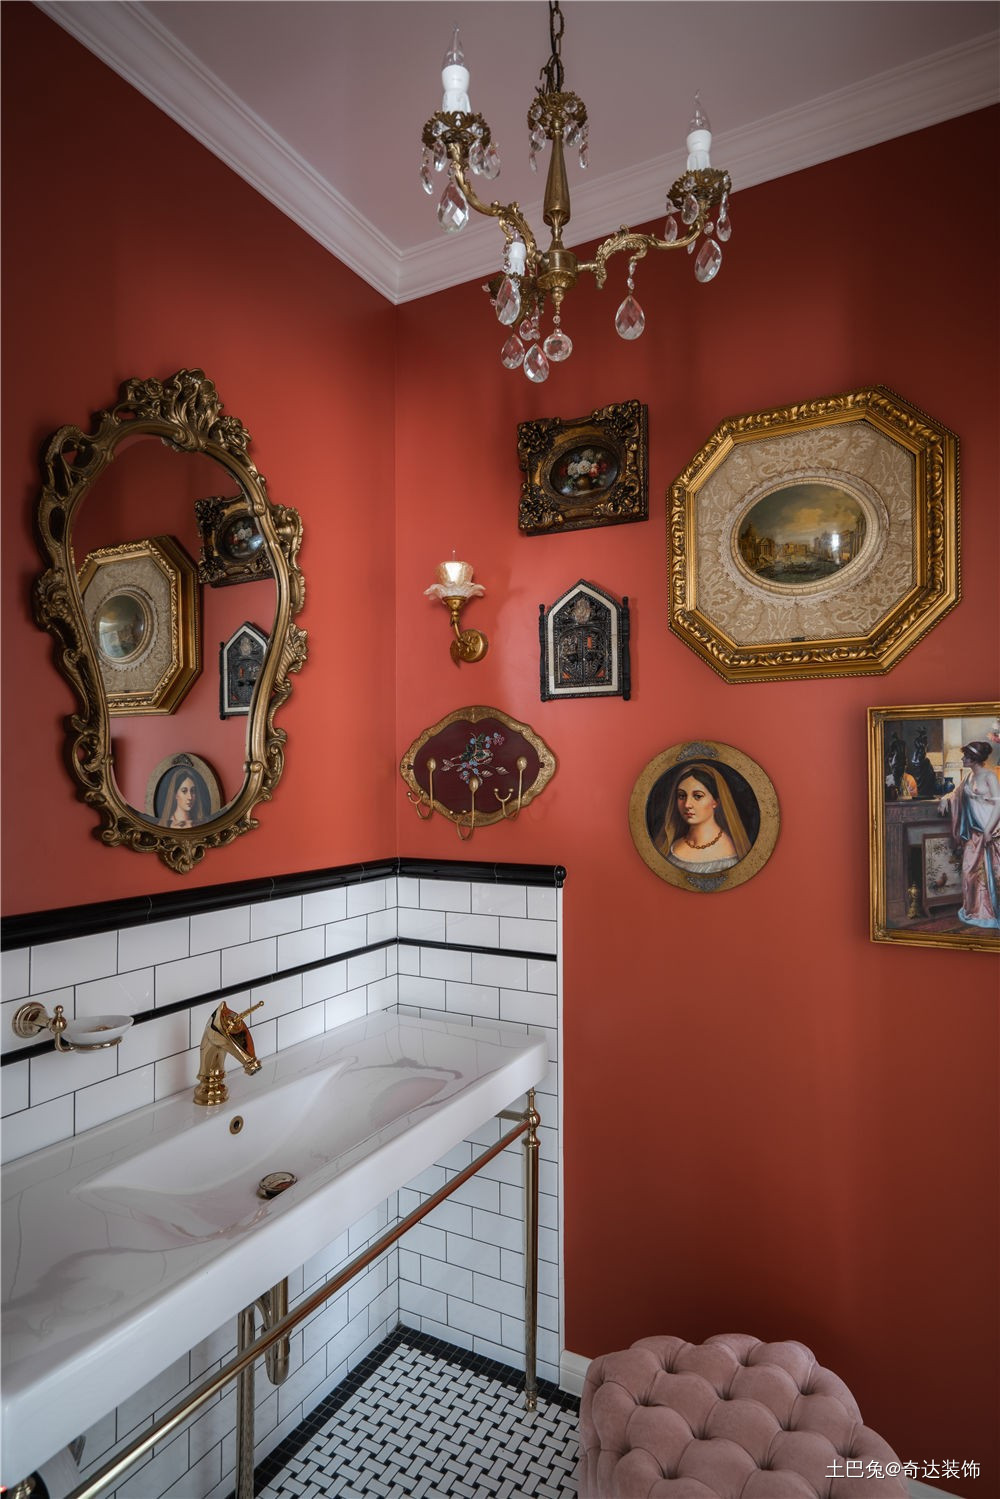 285㎡中古风有故事的古董店卫生间其他卫生间设计图片赏析